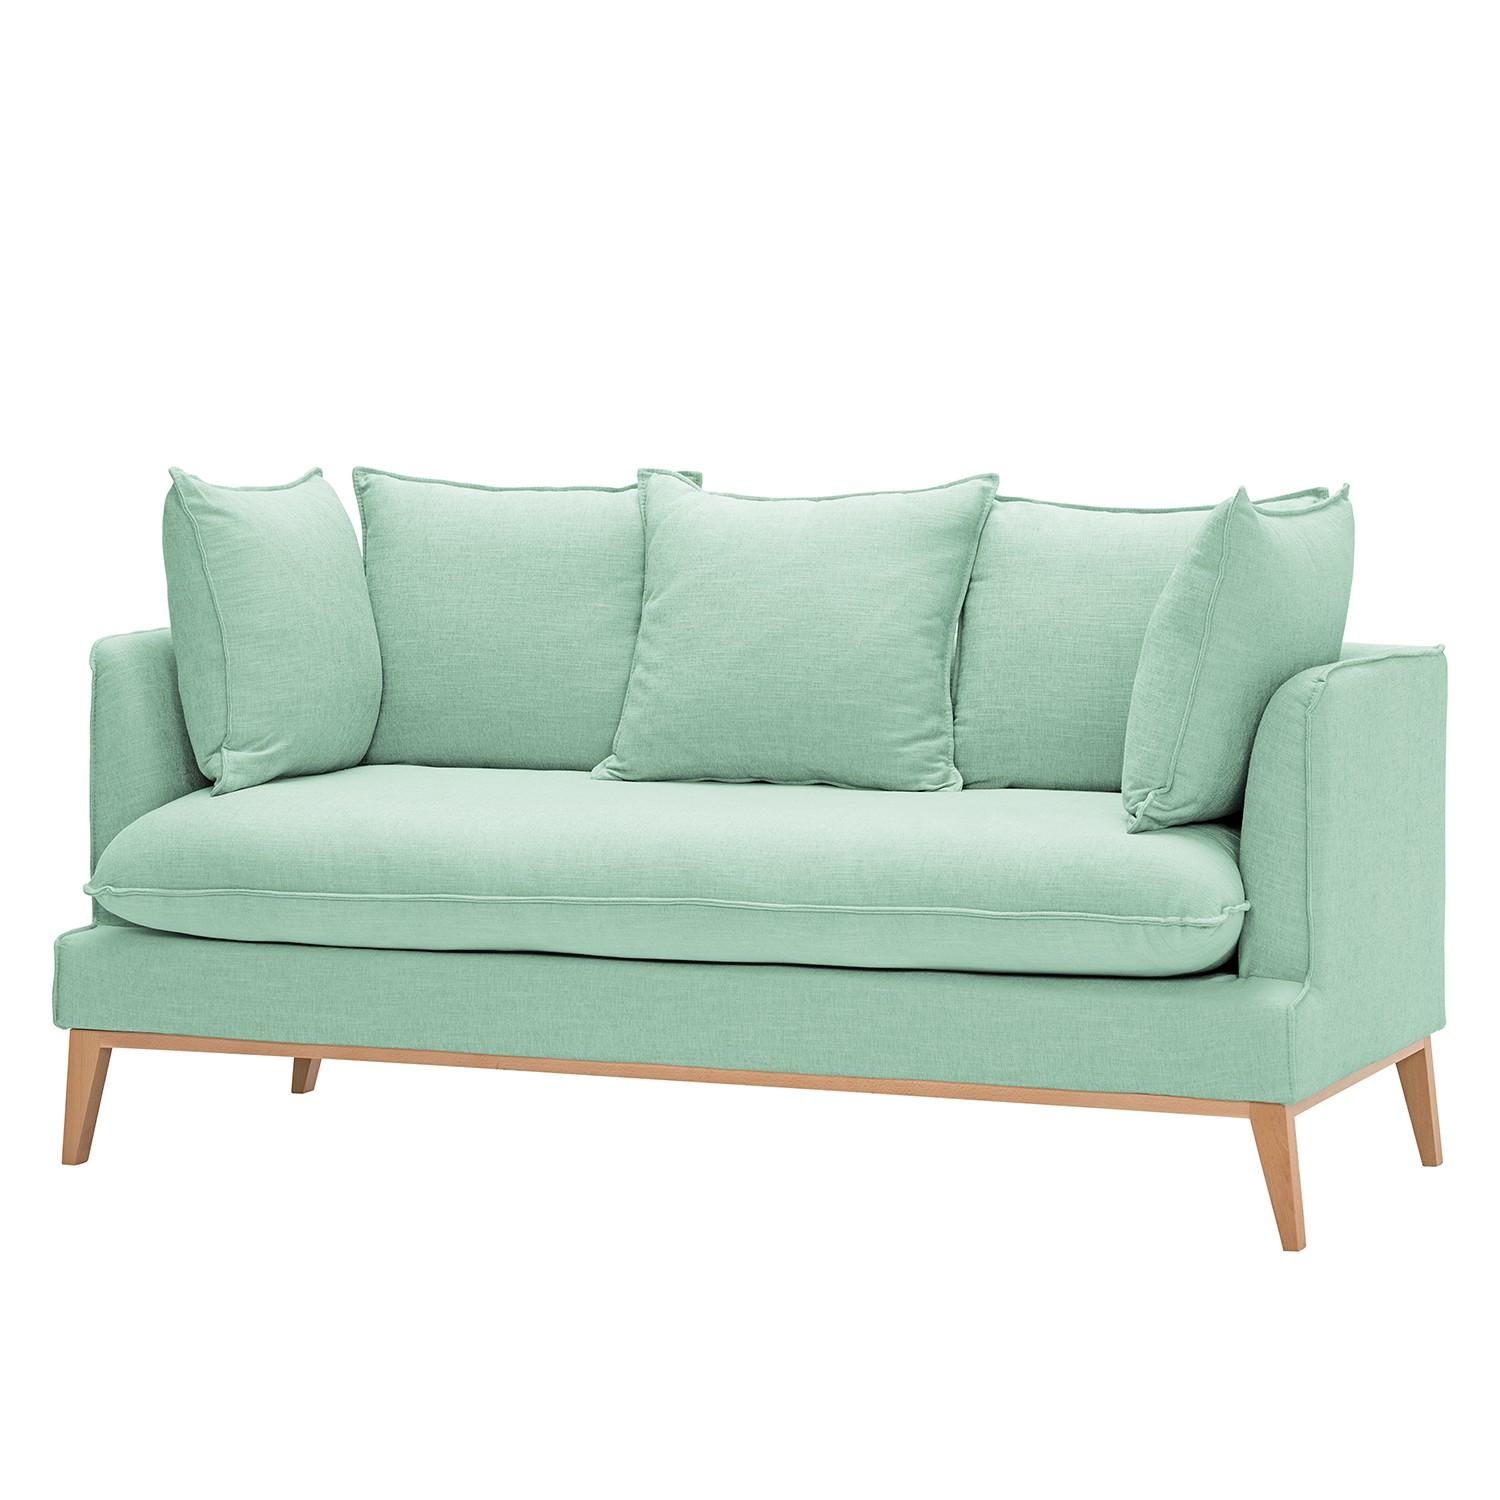 sofa nelson 3 sitzer webstoff stoff dona mintgr n morteens kaufen. Black Bedroom Furniture Sets. Home Design Ideas